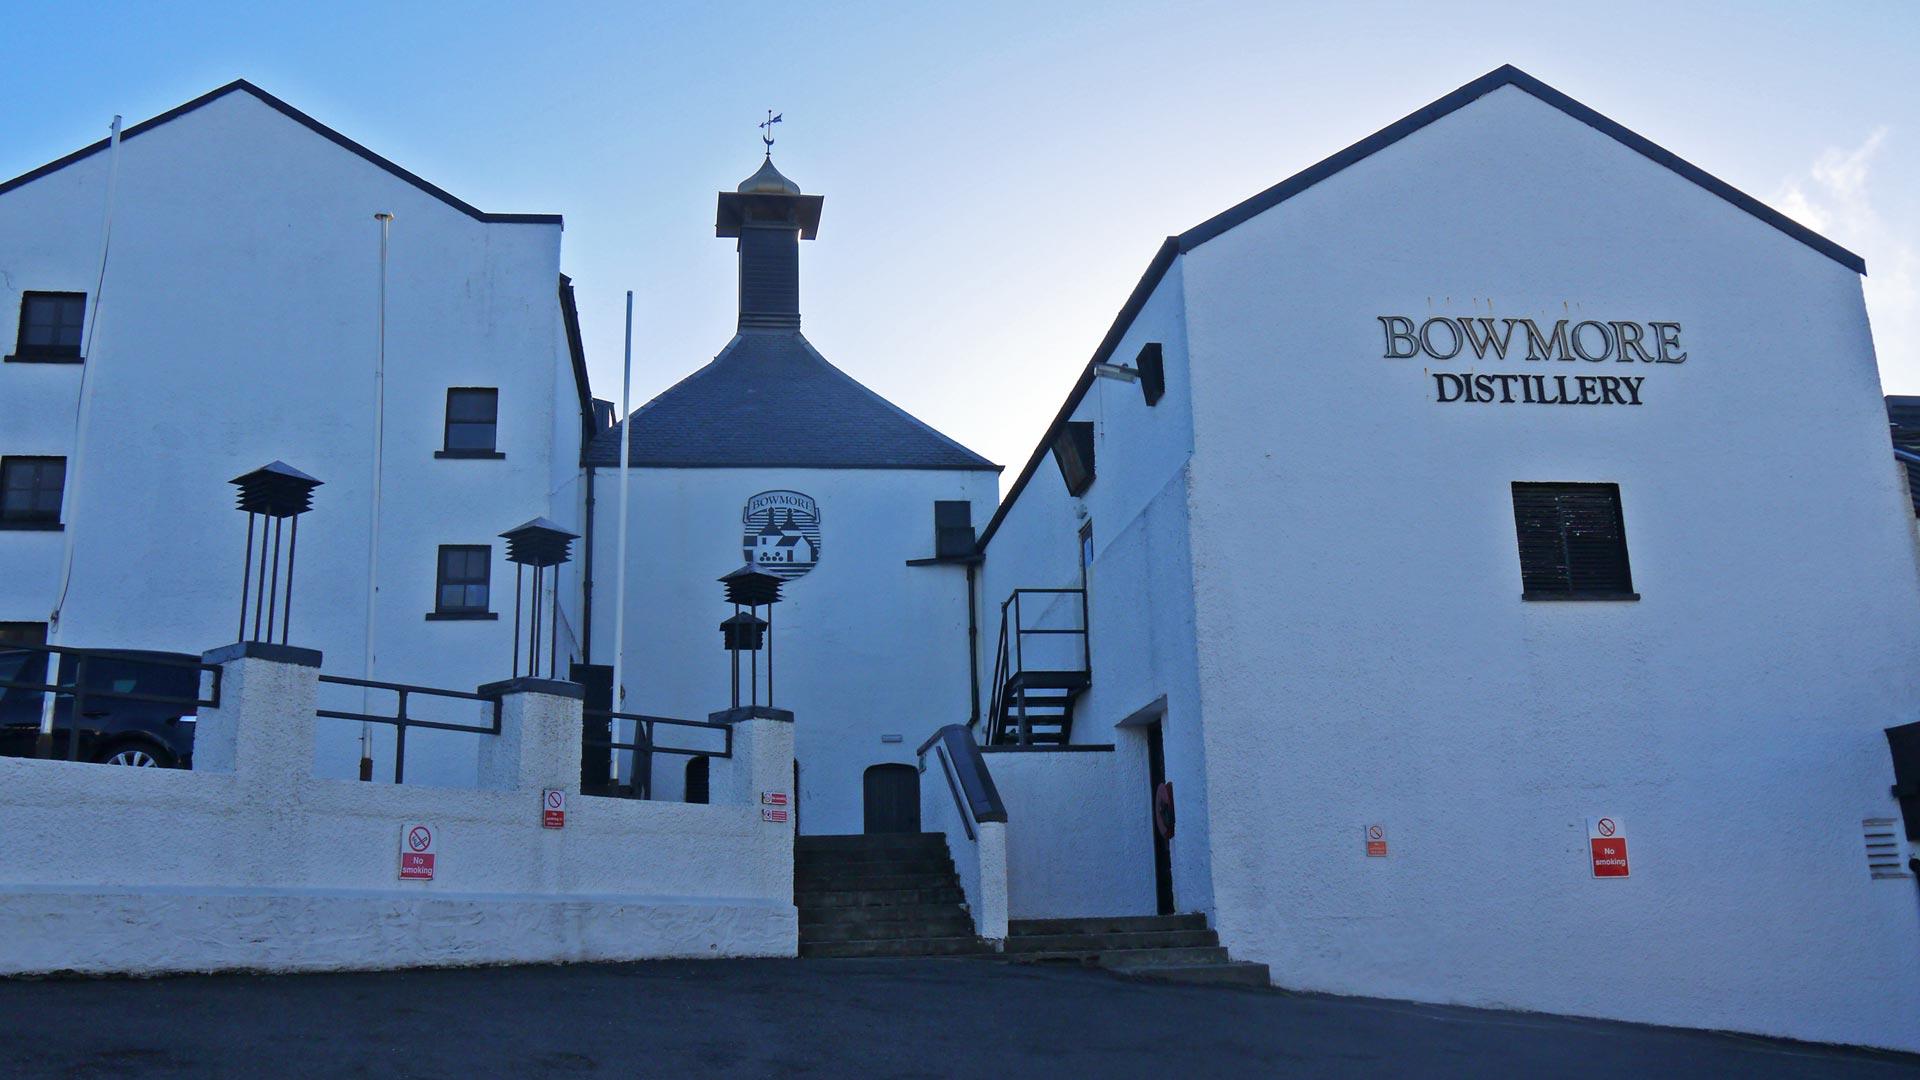 Wenn es auf Islay gerade mal nicht regnet, dann sieht die Bowmore-Destillerie so aus (Foto: Malt Whisky)